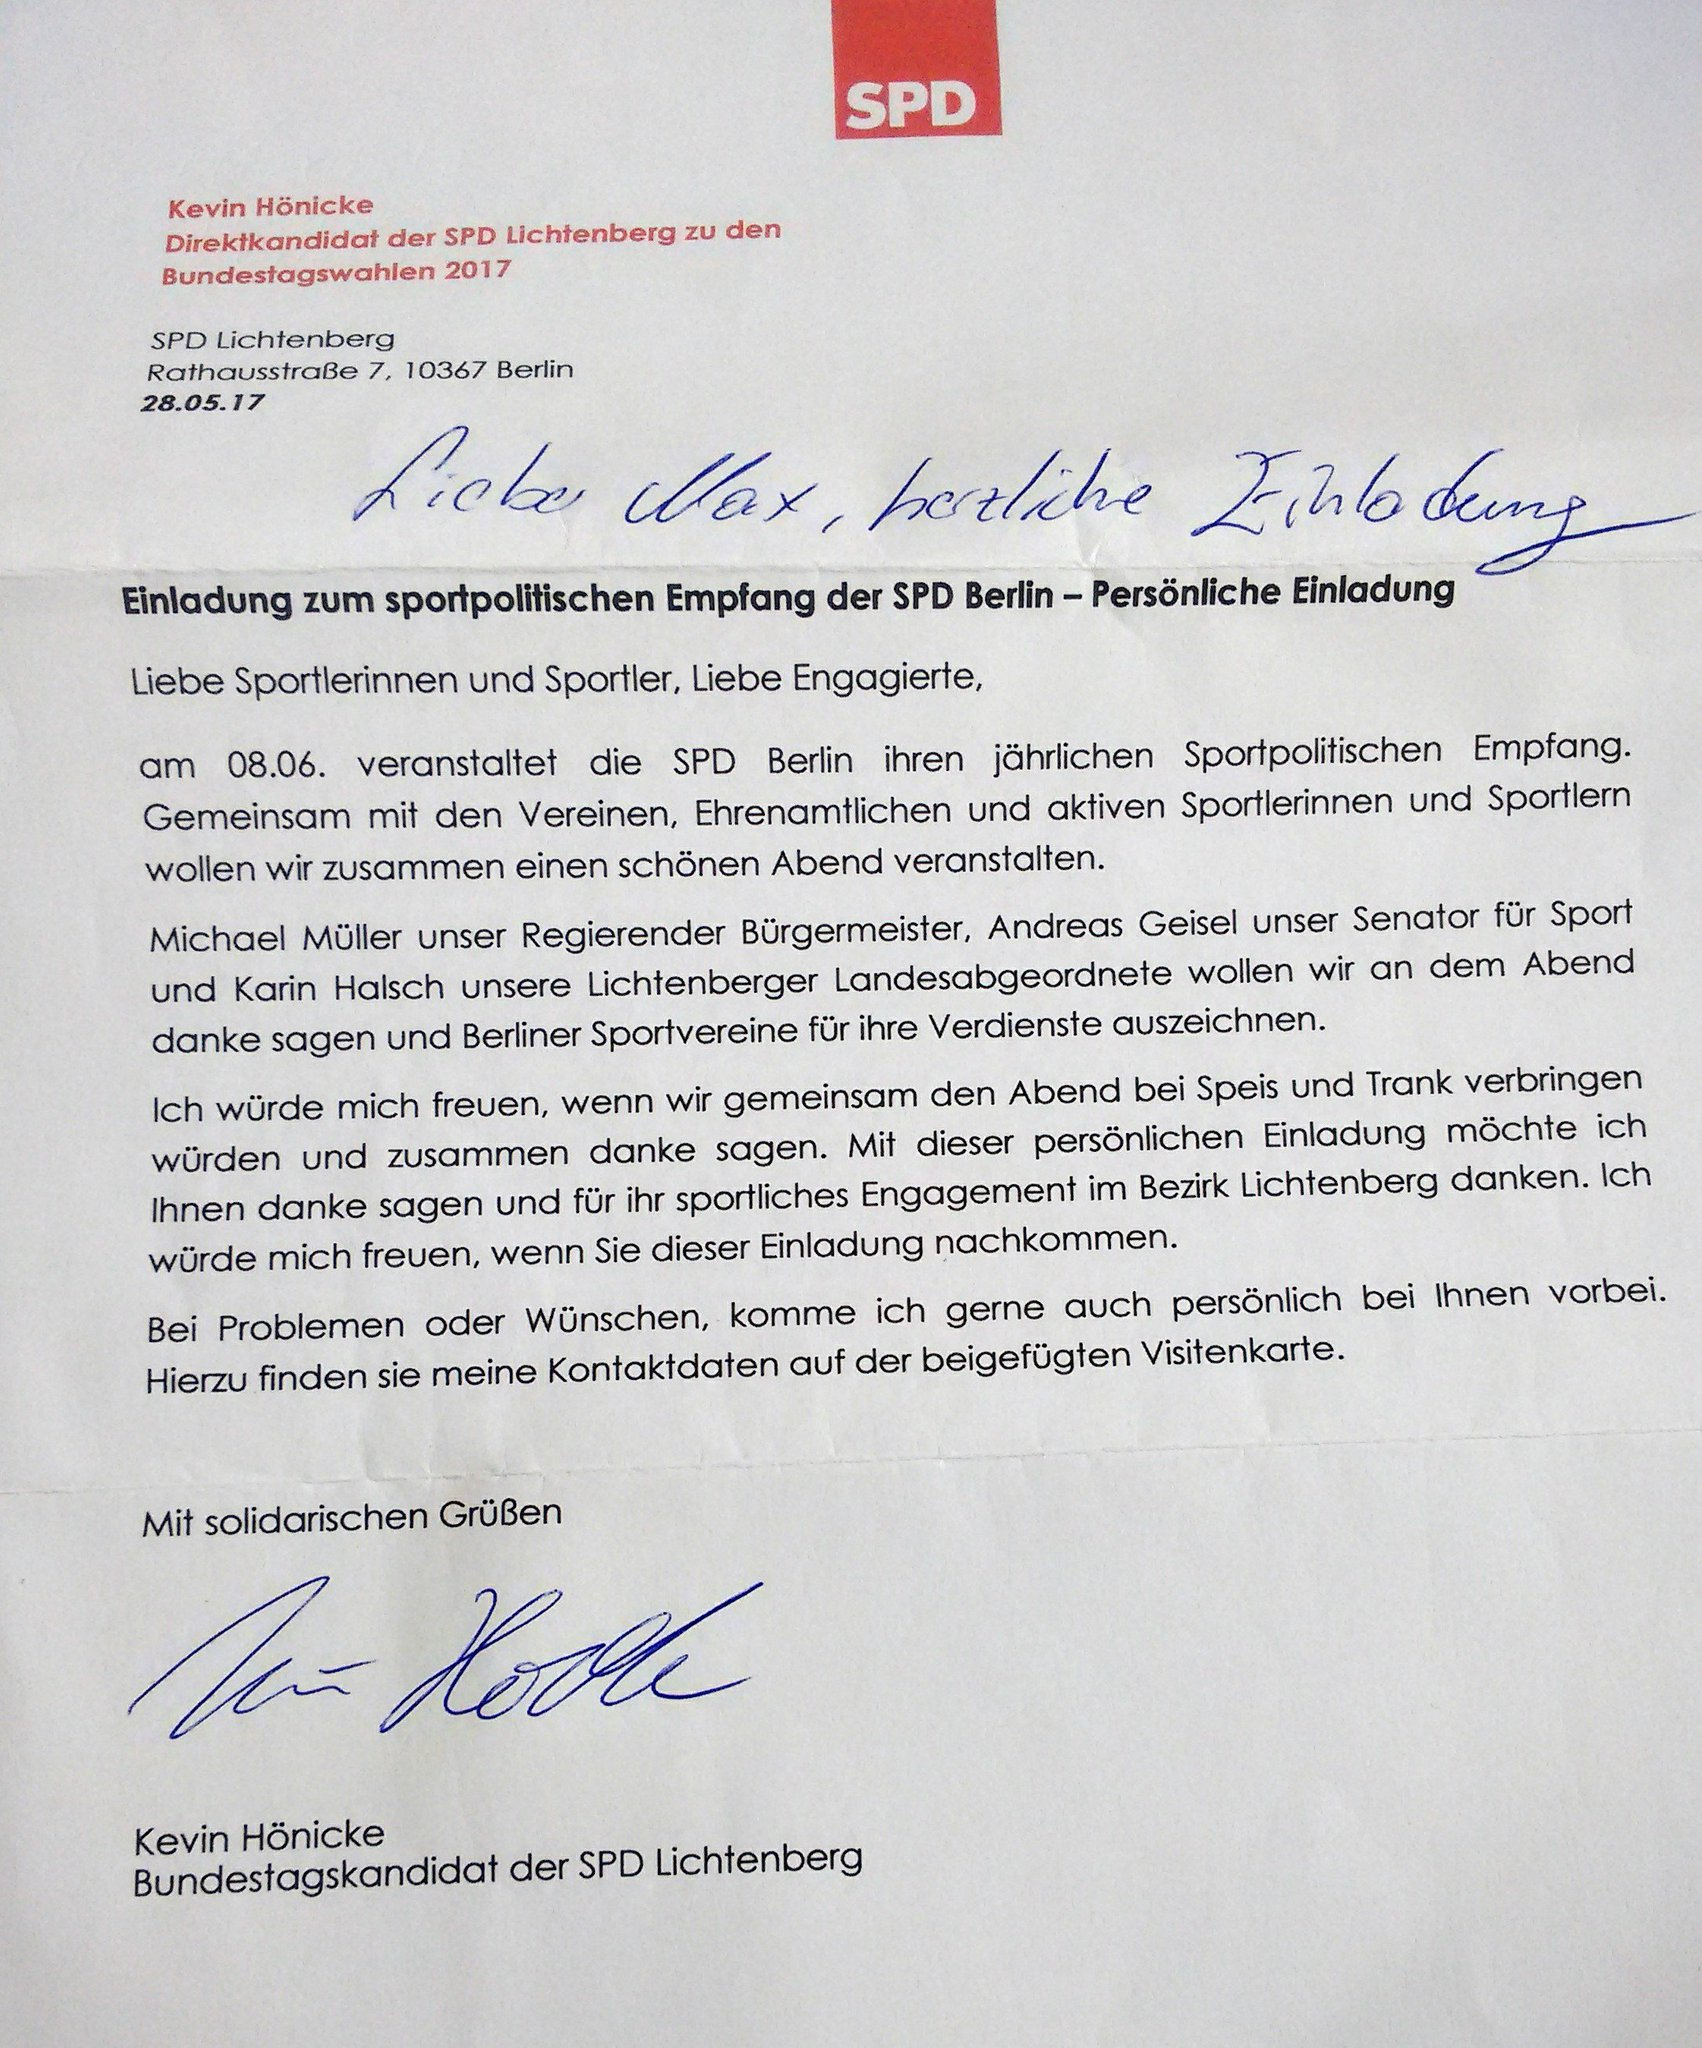 """m.kröber on twitter: """"vielen dank für die einladung, tolle, Einladung"""